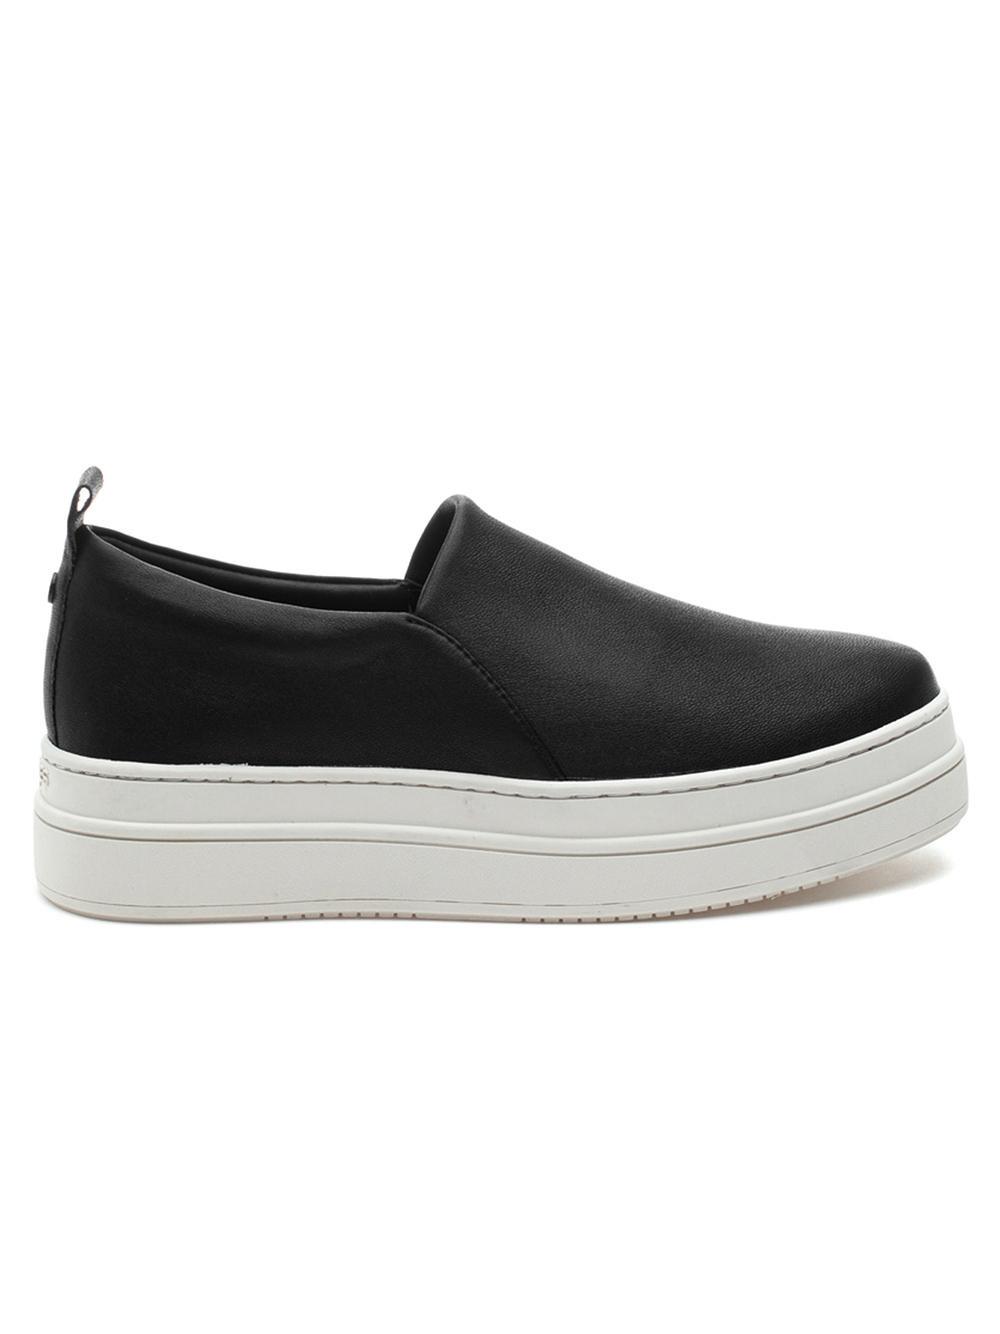 Nipster Slip On Platform Sneaker Item # NIPSTER